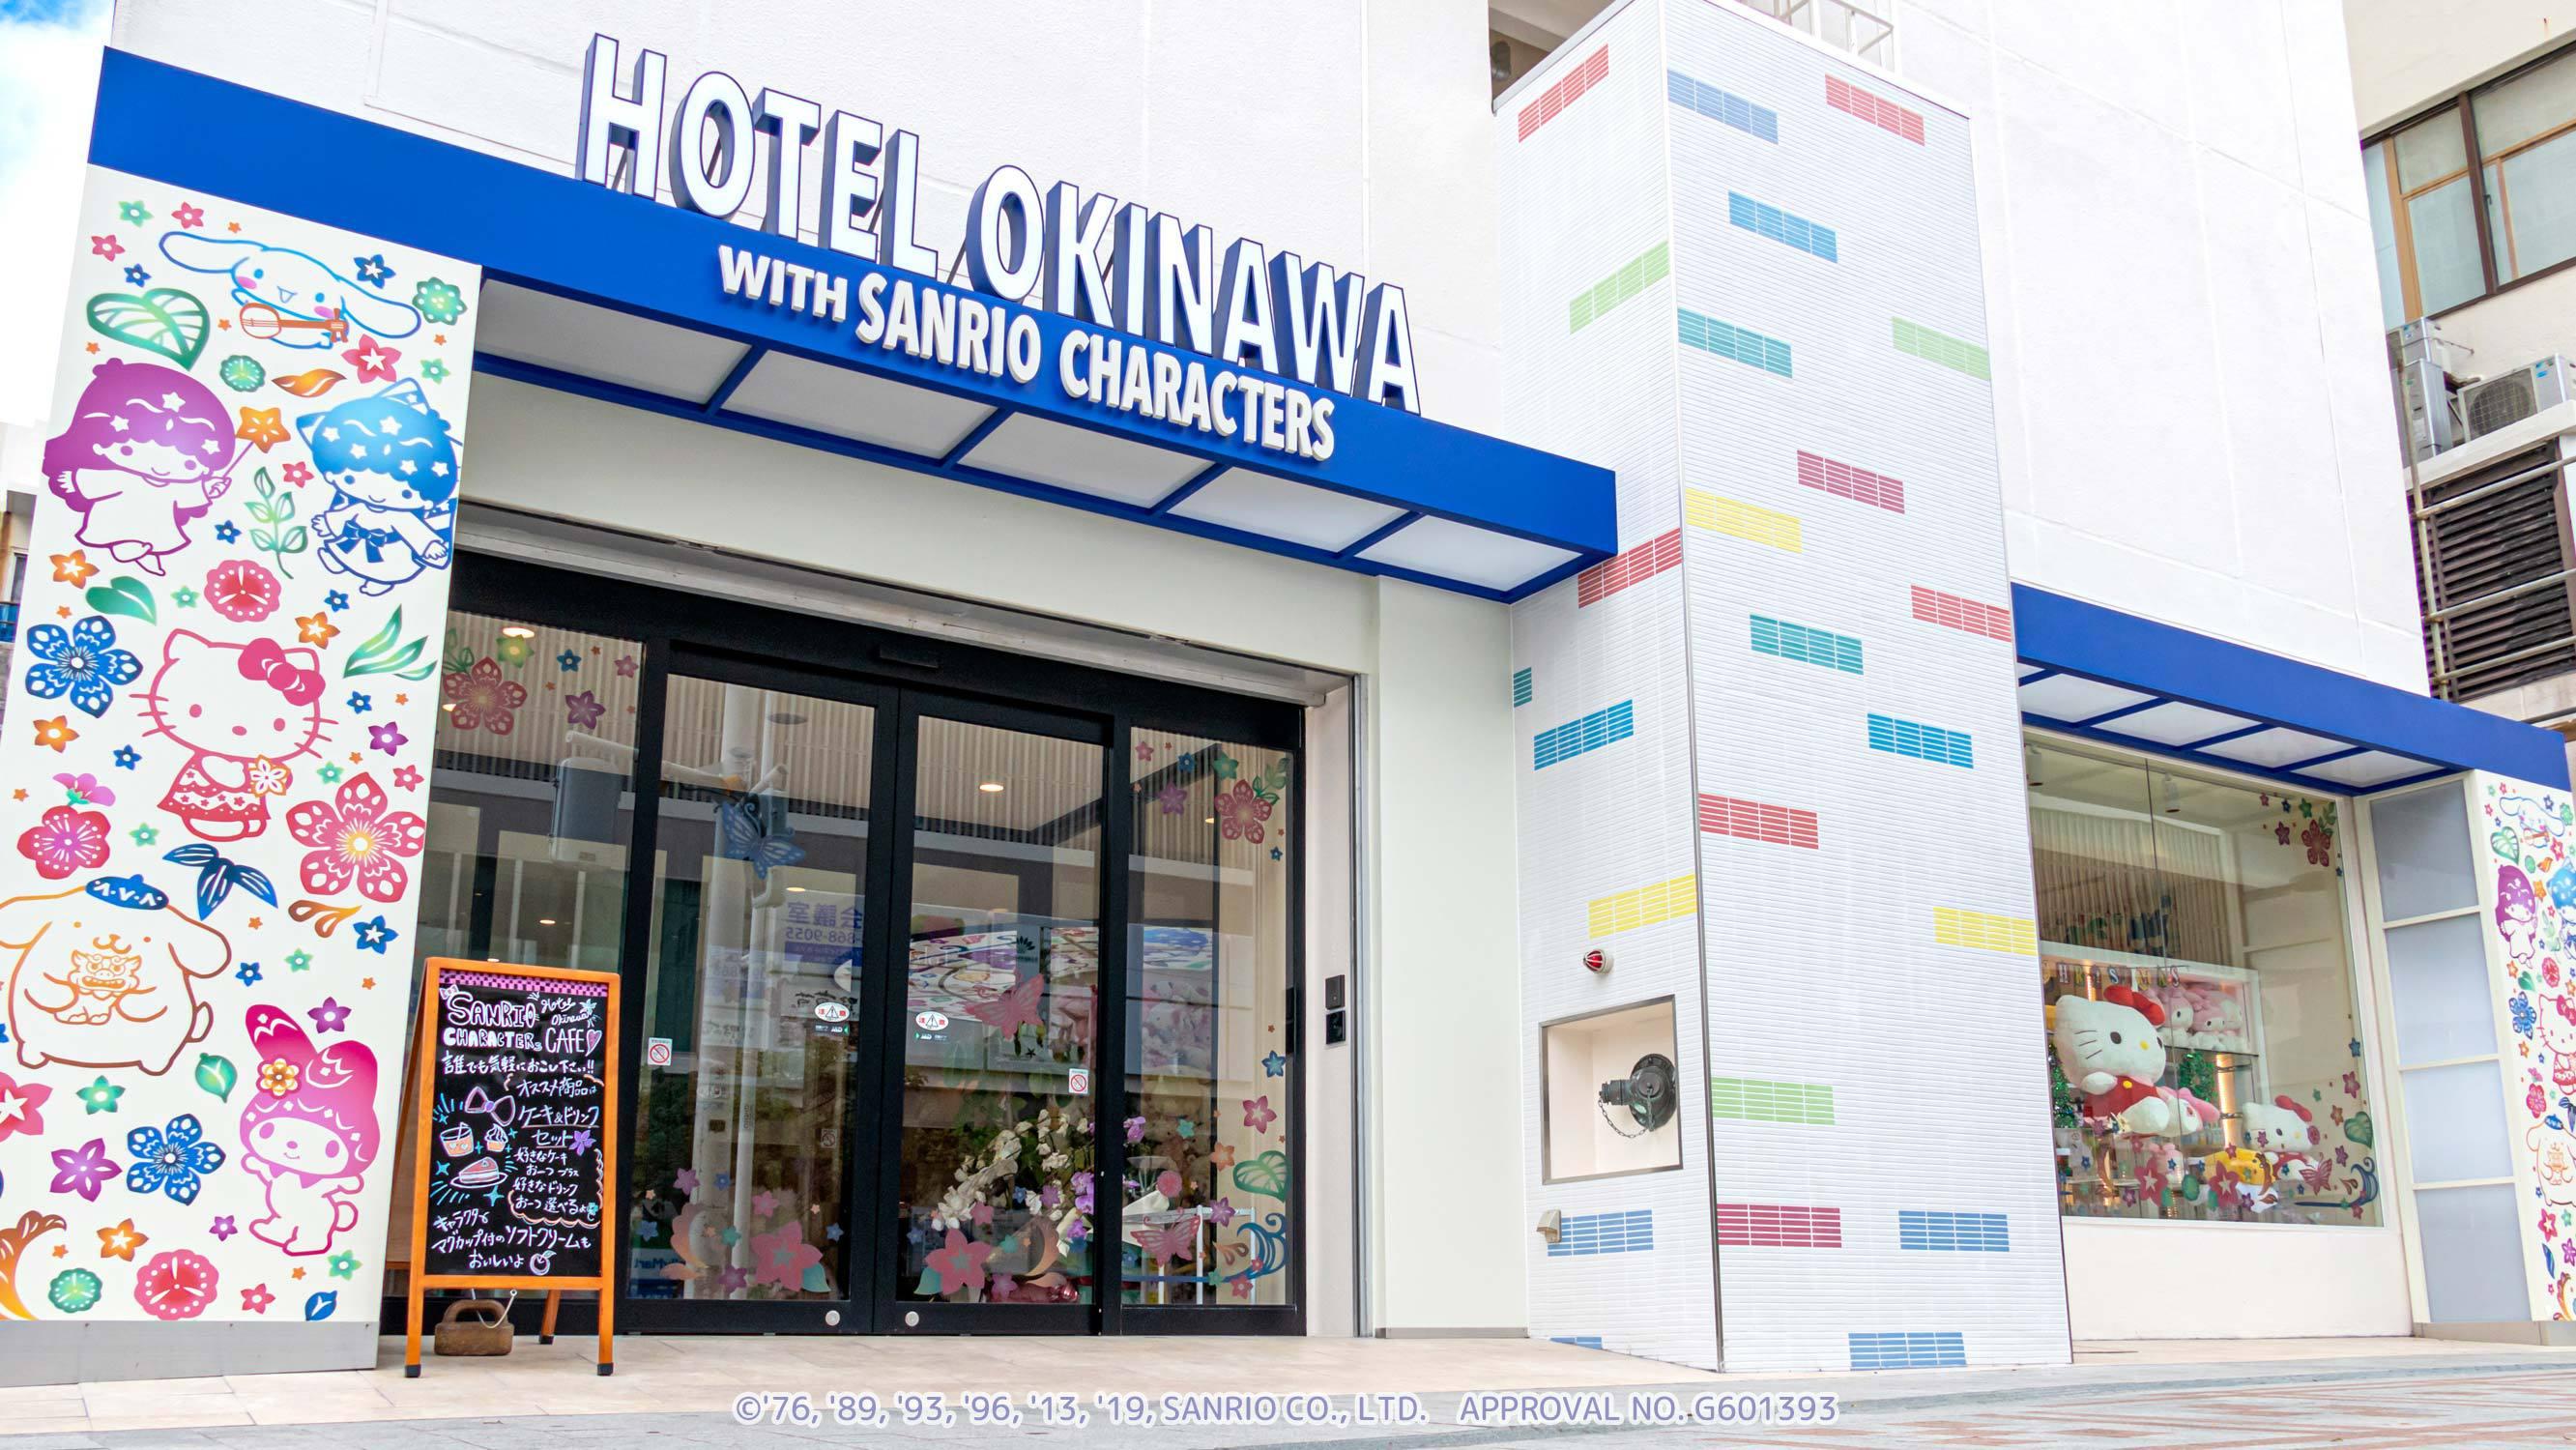 ホテル沖縄 with サンリオキャラクターズ(2019年9月...